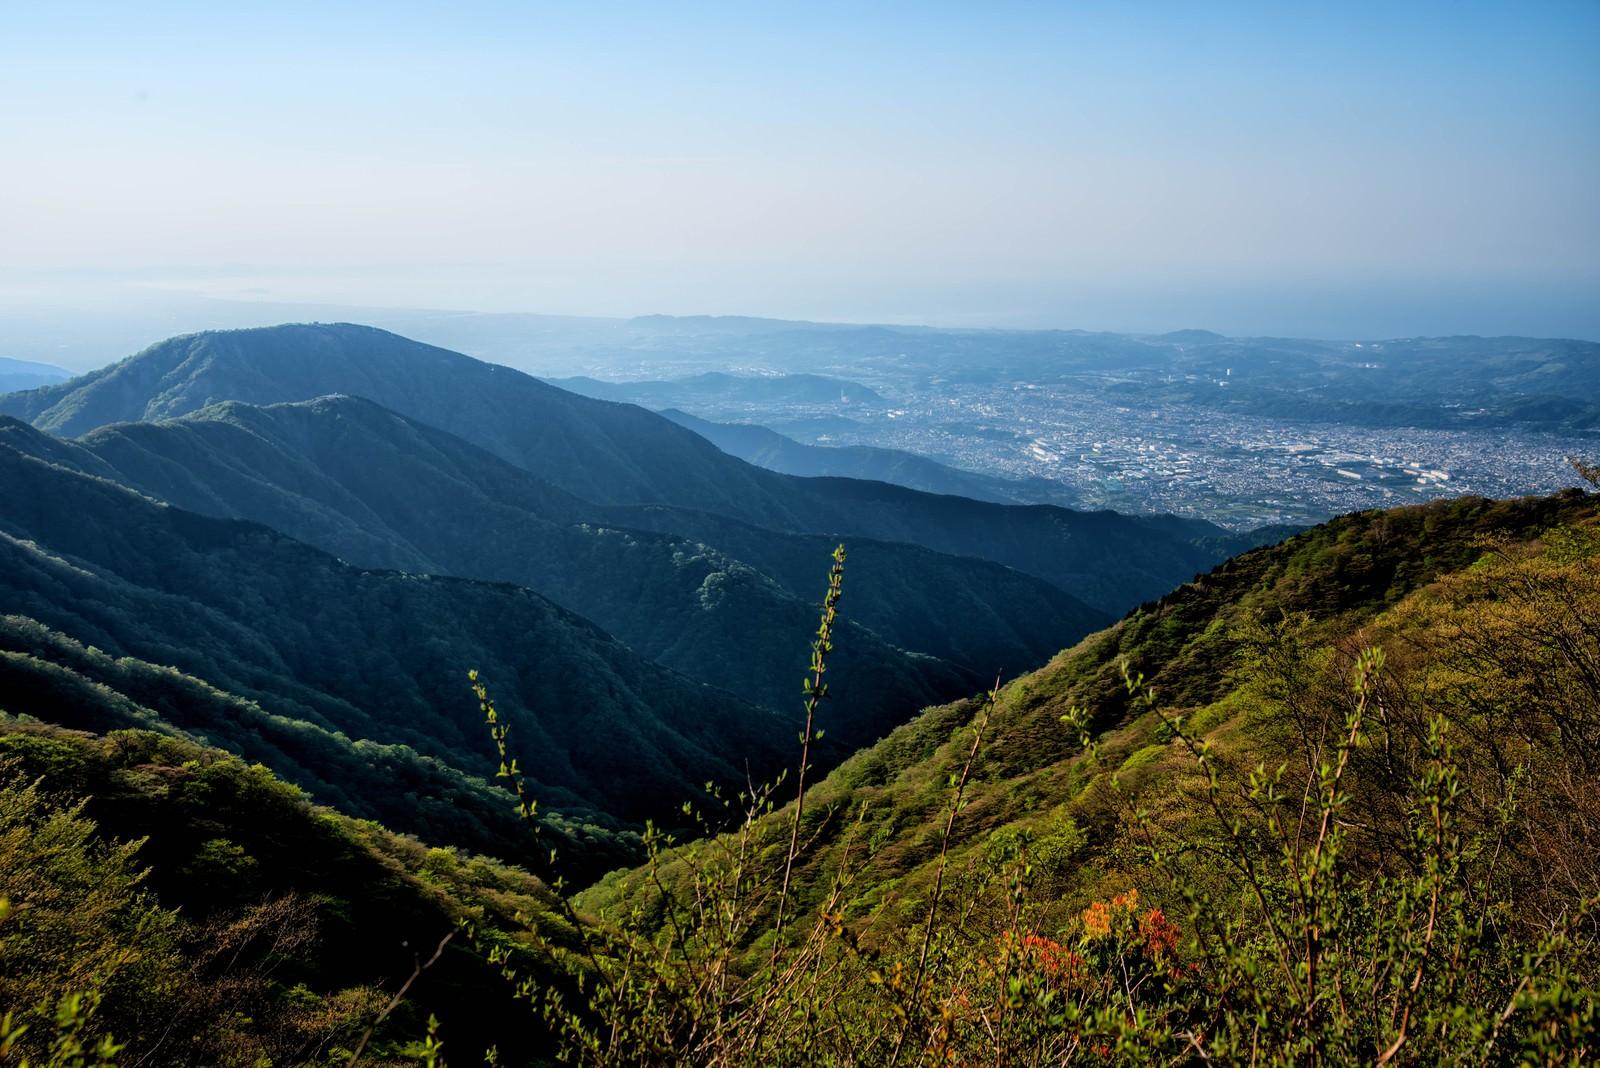 「丹沢の山並みと眼下に広がる秦野市」の写真